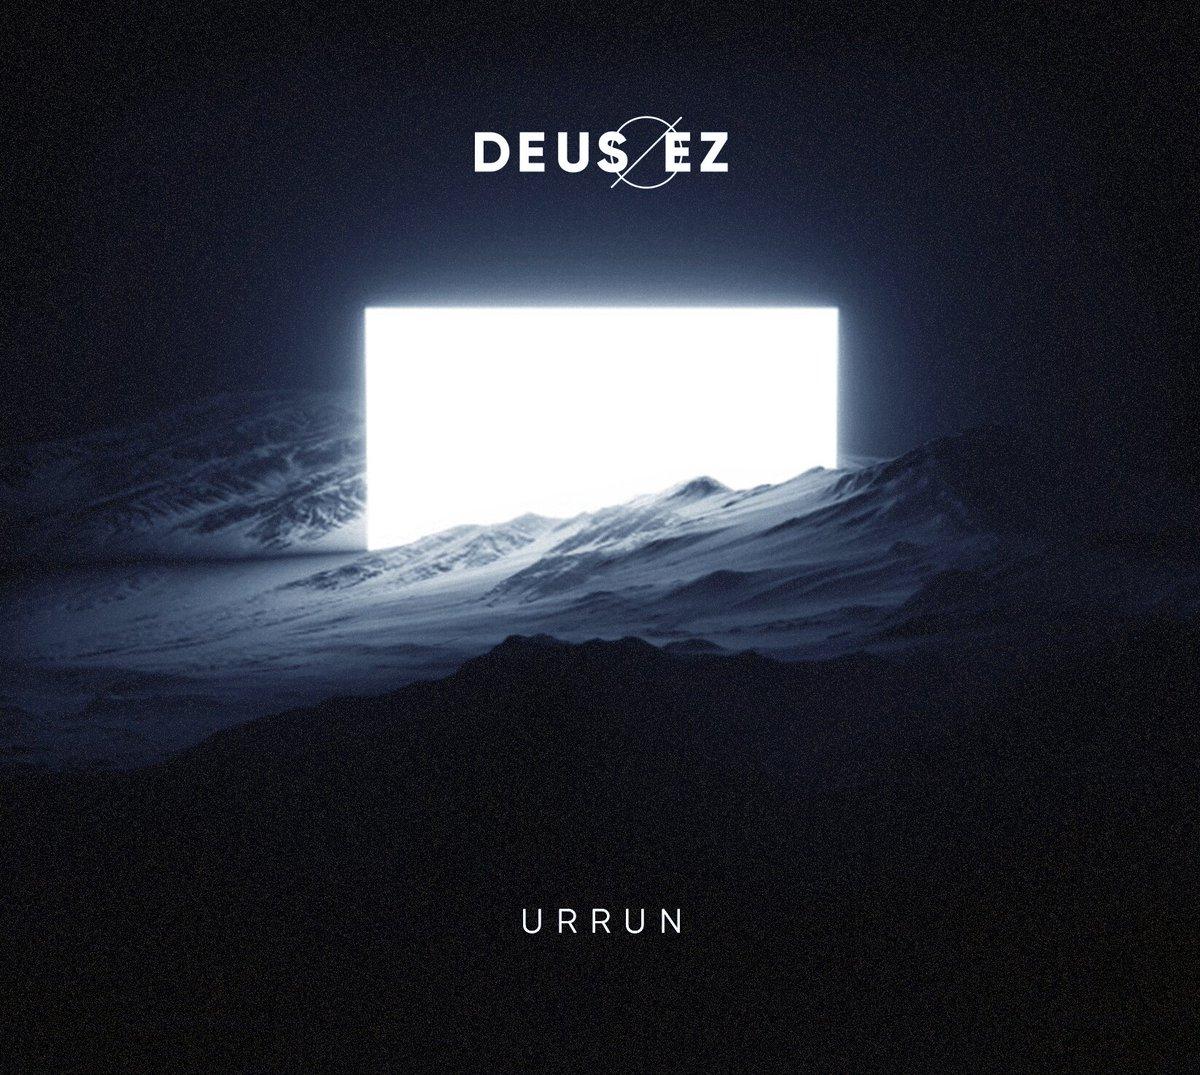 """KANTA BERRIA / """"Urrun"""" (Deus Ez). Eibarko hirukotearen bigarren diskoko singlea estreinatu dugu gaur. Diskoa maiatzaren 2an argitaratuko da. 🎧 http://www.badok.eus/kantua/urrun-2/"""